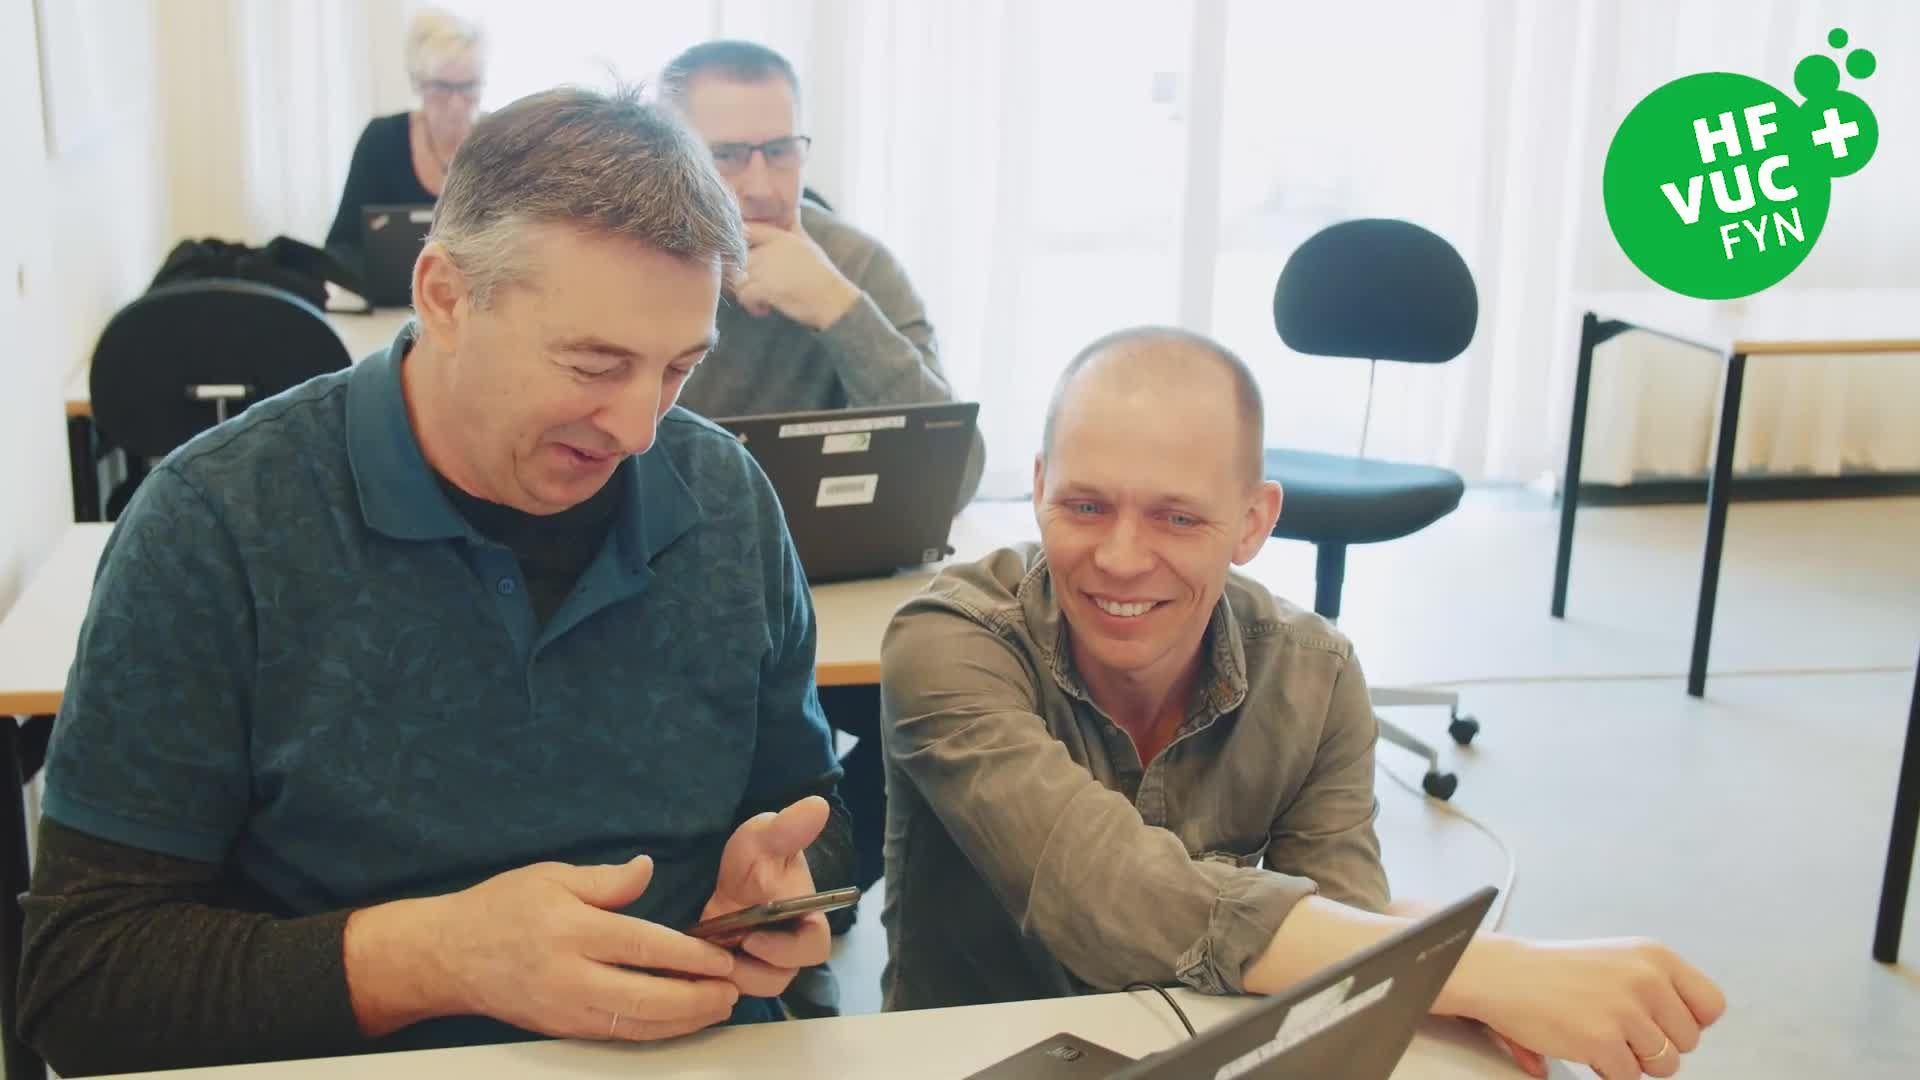 Medarbejder bliver undervist i FVU digital hos VUC